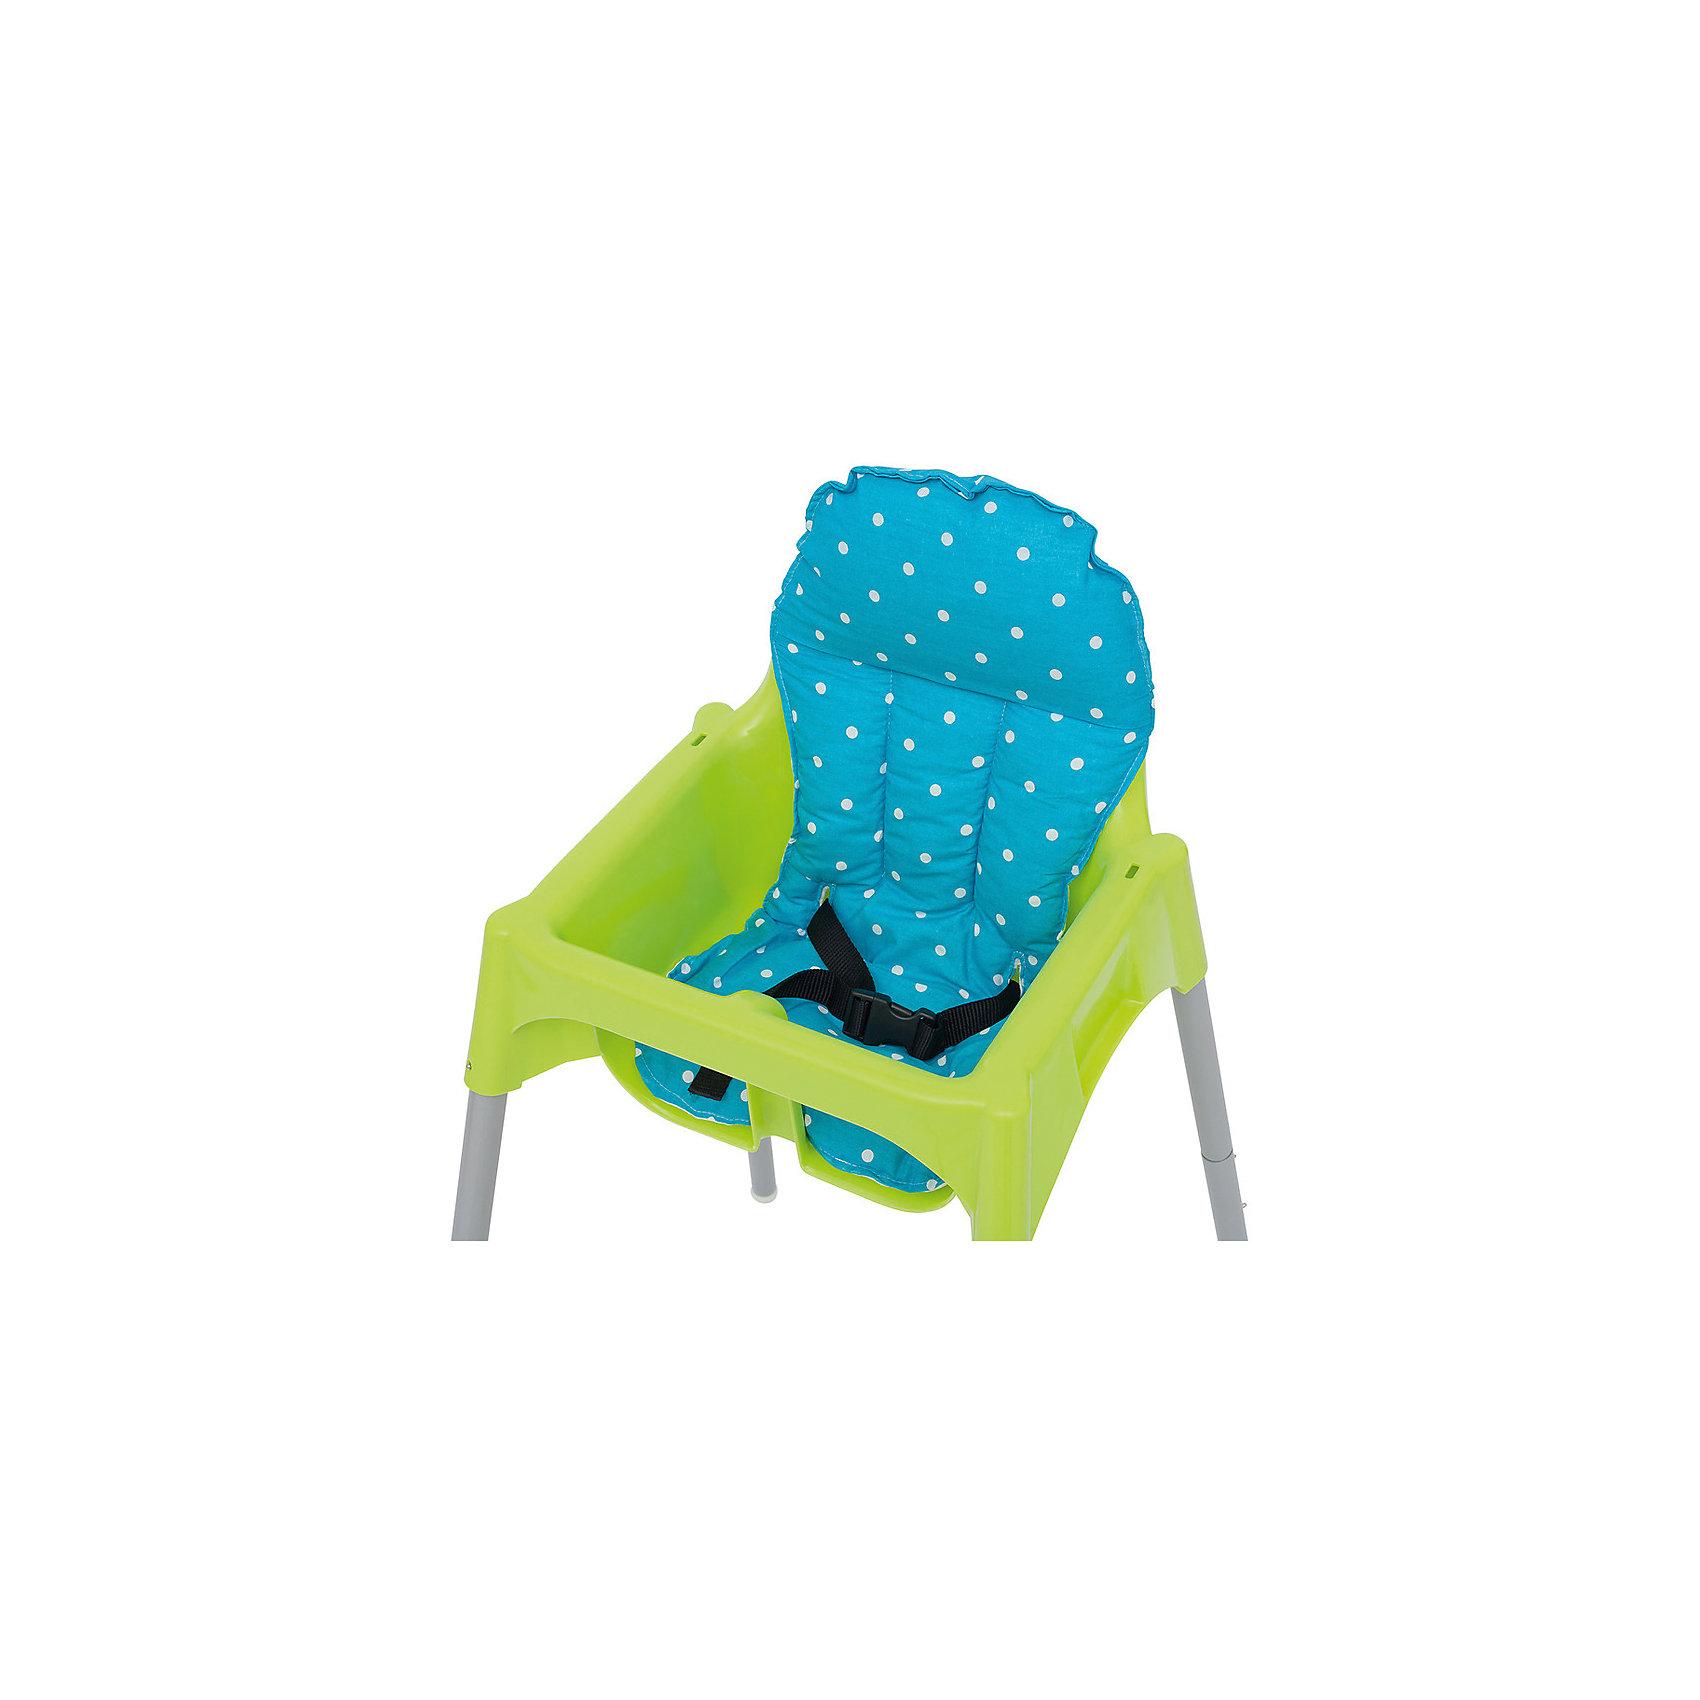 Стульчик для кормления Fiesta с вкладкой, Roxy-Kids, салатовыйОдна из важнейших задач родителей - обеспечить ребенку правильное и комфортное питание. Современные технологии помогают это сделать достаточно легко. Пример тому - стульчик для кормления ROXY-KIDS FIESTA.<br>Он имеет удобную конструкцию, стульчик можно установить на разных уровнях благодаря разборным ножкам. Изделие можно легко разобрать для перевозки. В стульчике - мягкая вкладка, которая легко стирается. Для безопасности малыша в конструкции предусмотрены 3-точечные ремни безопасности. Подарите удобство себе и ребенку!<br><br>Дополнительная информация:<br><br>цвет: разноцветный;<br>материал: полипропилен, сталь, хлопок, холлофайбер;<br>ножки разборные;<br>легко складывается;<br>есть мягкая вкладка;<br>3-точечные ремни безопасности;<br>разделитель для ног;<br>столик снимается;<br>максимальный вес ребенка: 15 кг;<br>съемный столик;<br>мягкая вкладка-сиденье;<br>размер: 280 х 430 х 440 мм;<br>вес: 4 кг.<br><br>Стульчик для кормления Fiesta с вкладкой Горошек от компании Roxy-Kids можно купить в нашем магазине.<br><br>Ширина мм: 280<br>Глубина мм: 430<br>Высота мм: 440<br>Вес г: 4300<br>Цвет: зеленый лайм<br>Возраст от месяцев: 6<br>Возраст до месяцев: 36<br>Пол: Унисекс<br>Возраст: Детский<br>SKU: 5000035